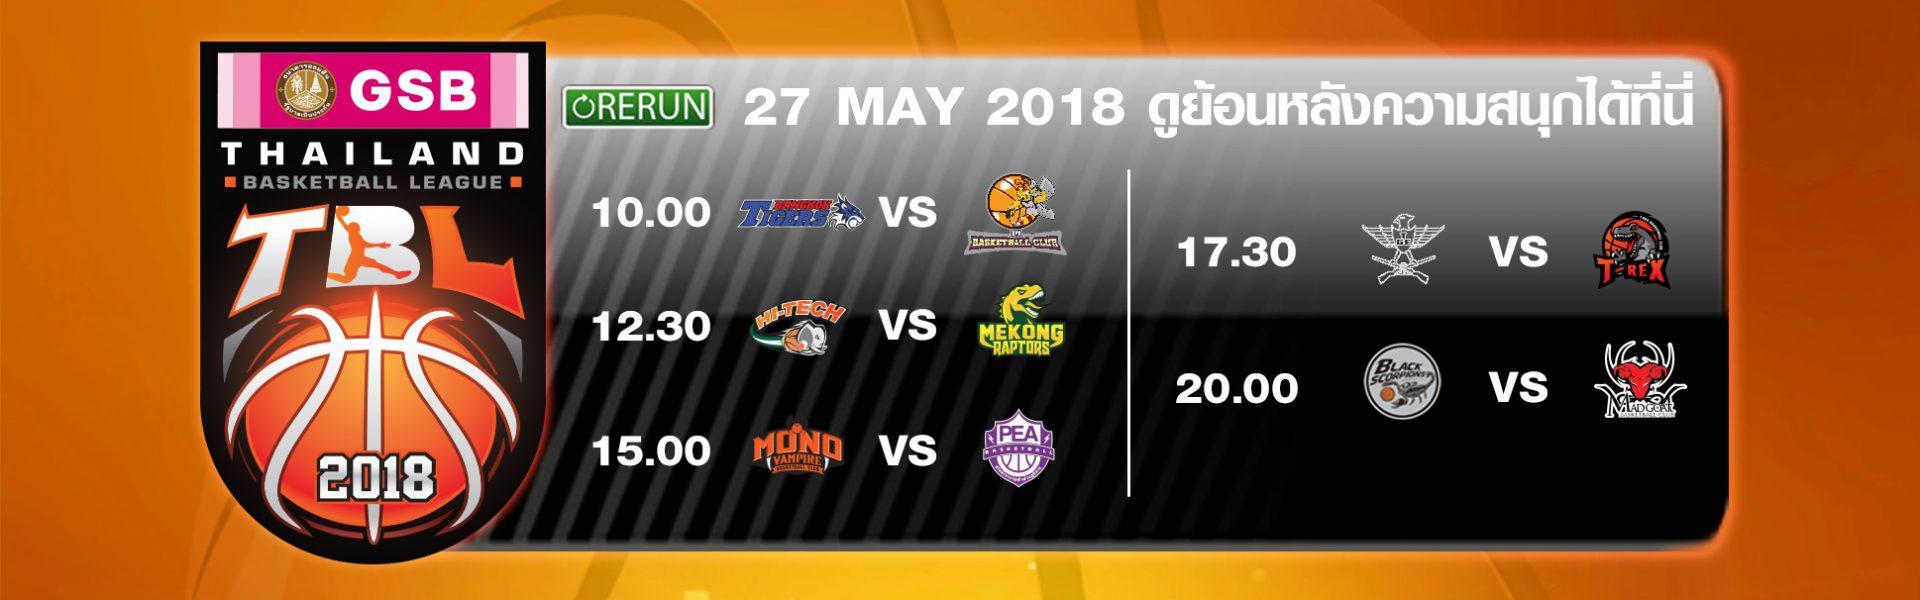 บาสเกตบอล GSB TBL2018 : Mono Vampire VS PEA Basketball Club (27 May 2018)